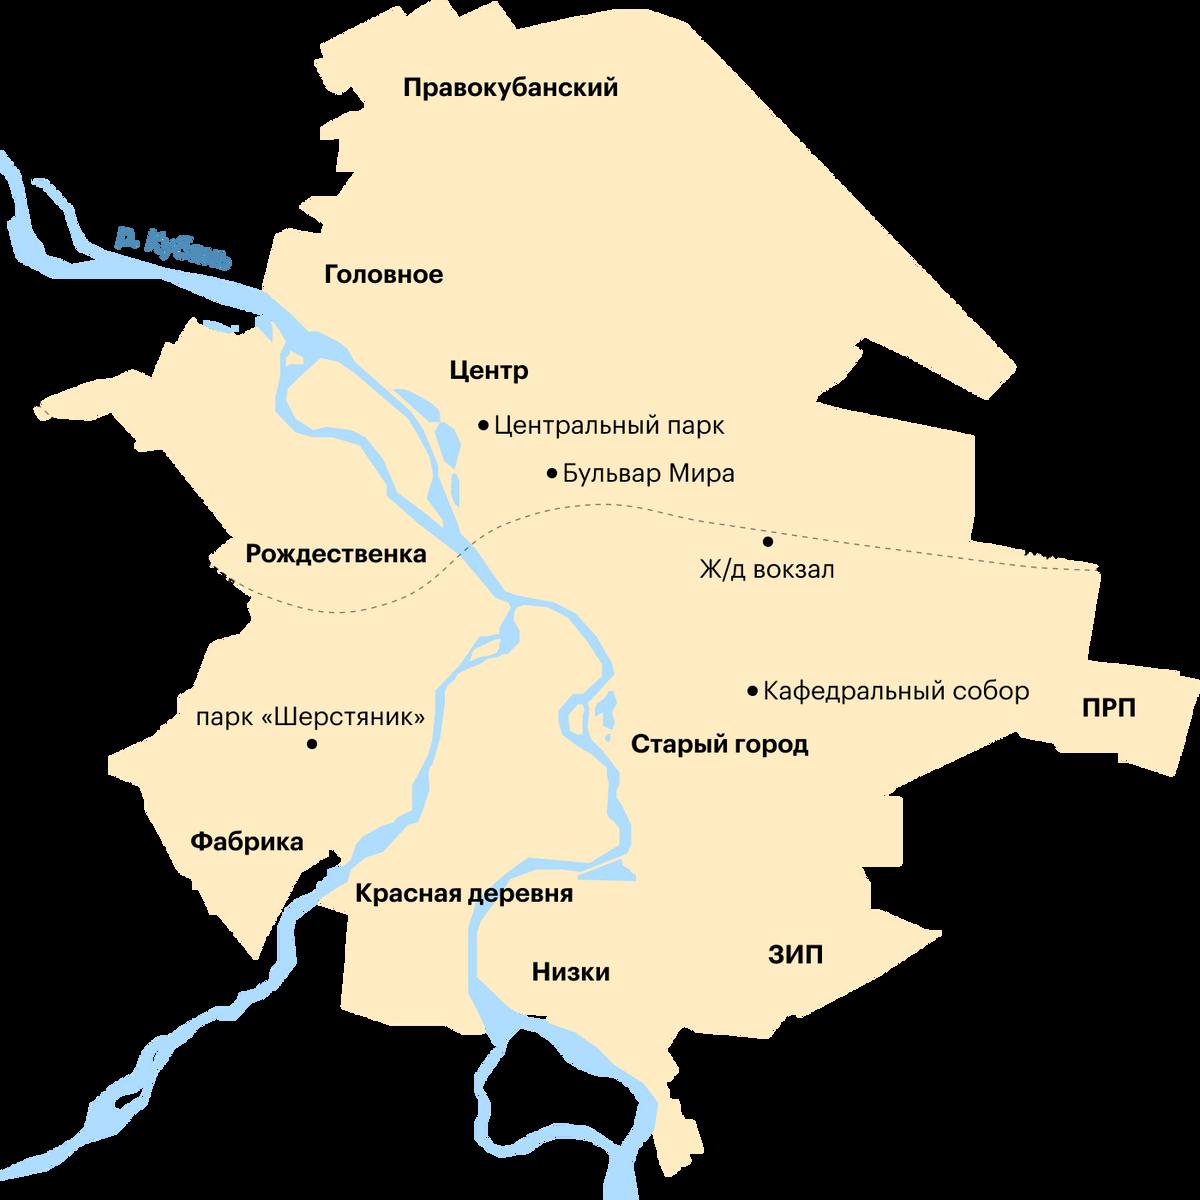 Железная дорога делит город на две части